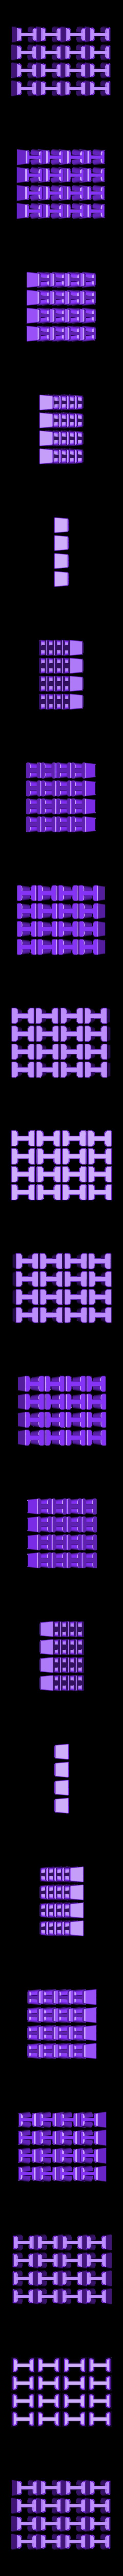 Butterfly_Joint_x16_(Modular Castle Playset - 3D-printable)_By_CreativeTools.se.stl Télécharger fichier STL gratuit Plateau modulaire de château (imprimable en 3D) • Modèle à imprimer en 3D, CreativeTools